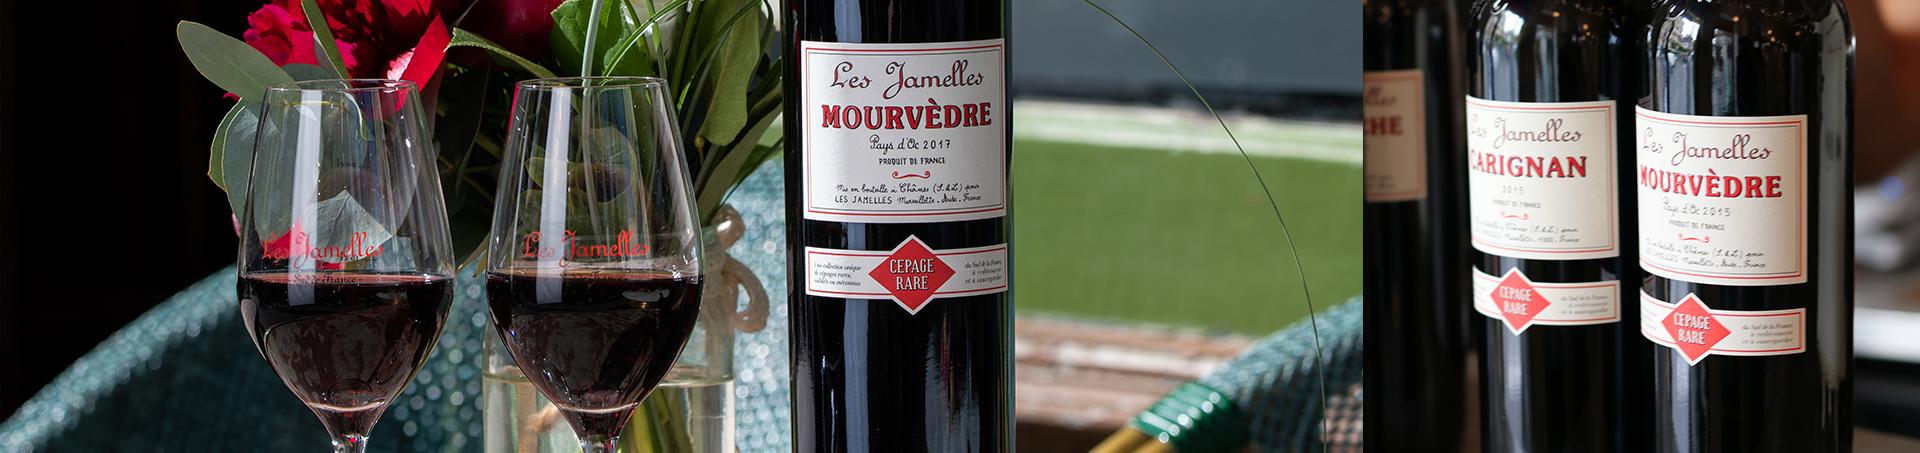 Vin rouge Les Jamelles - Mourvèdre